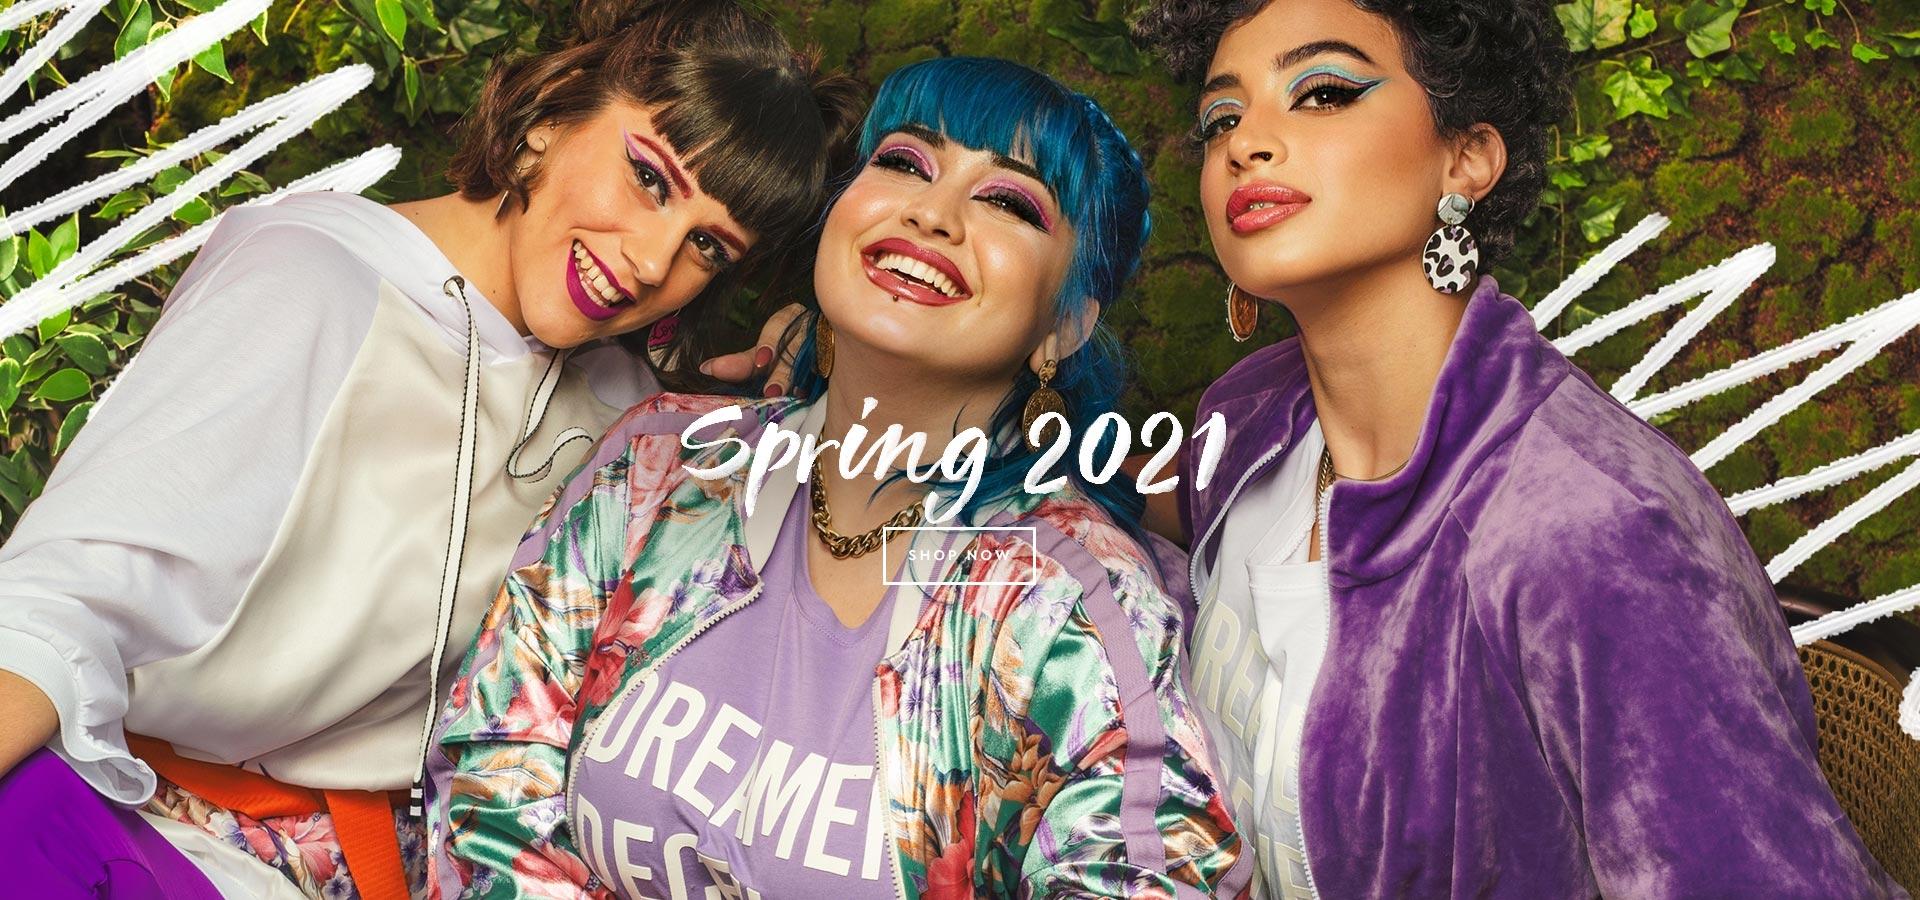 Mat Fashion Spring 2021